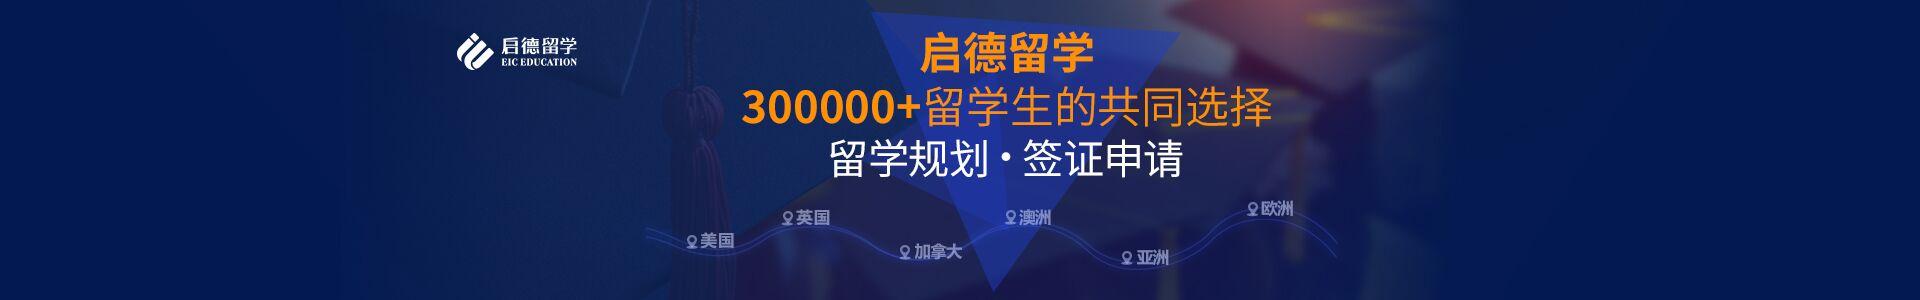 深圳启德留学服务机构